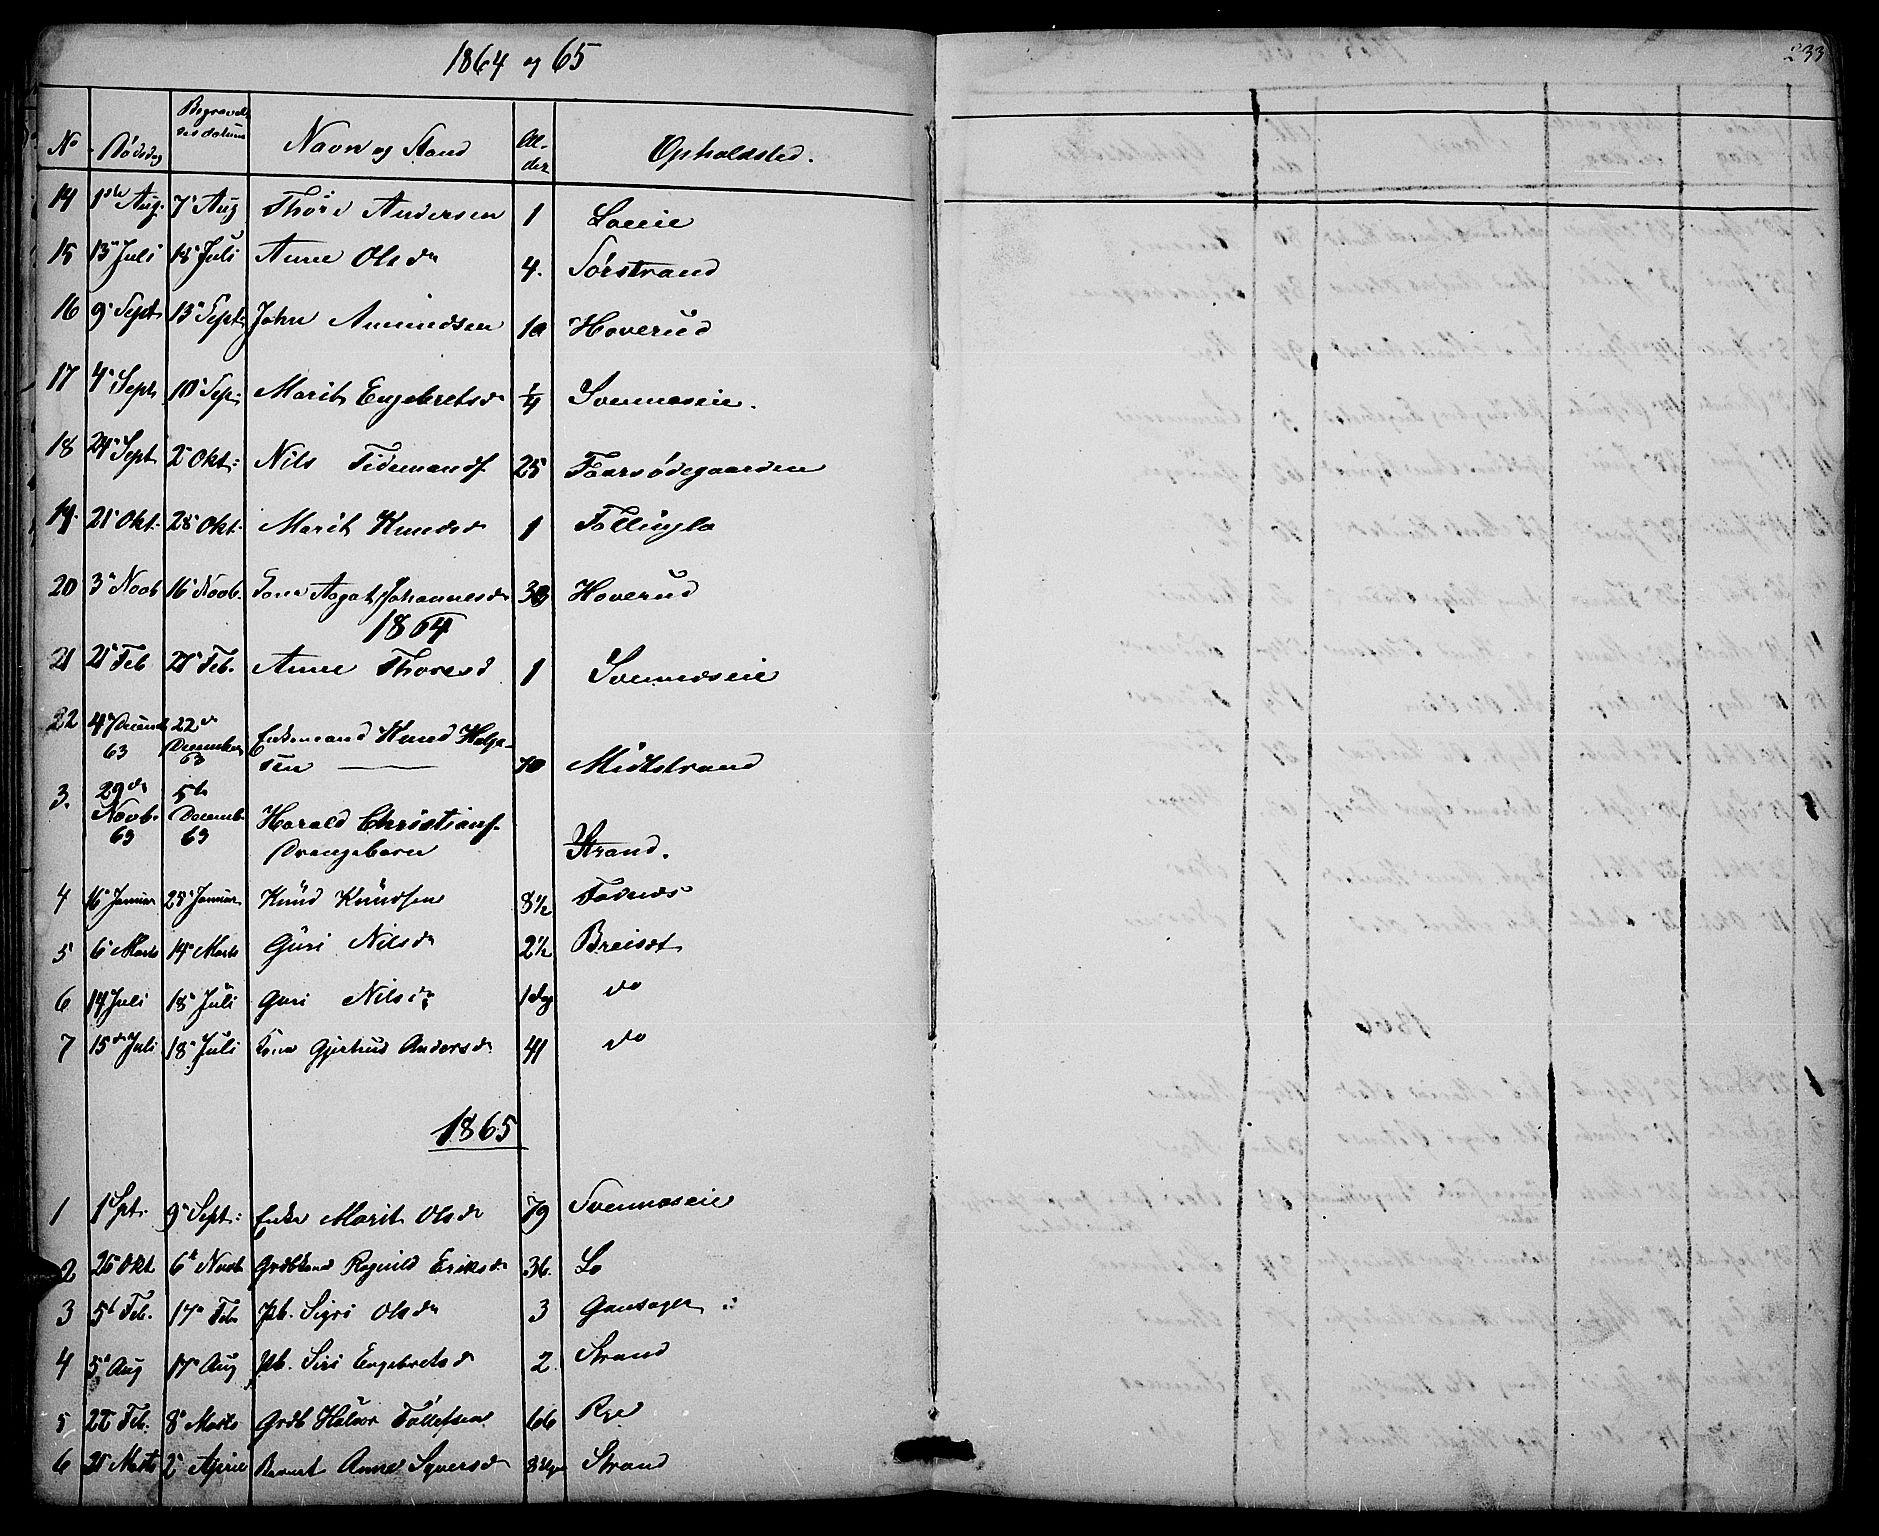 SAH, Nord-Aurdal prestekontor, Klokkerbok nr. 3, 1842-1882, s. 233